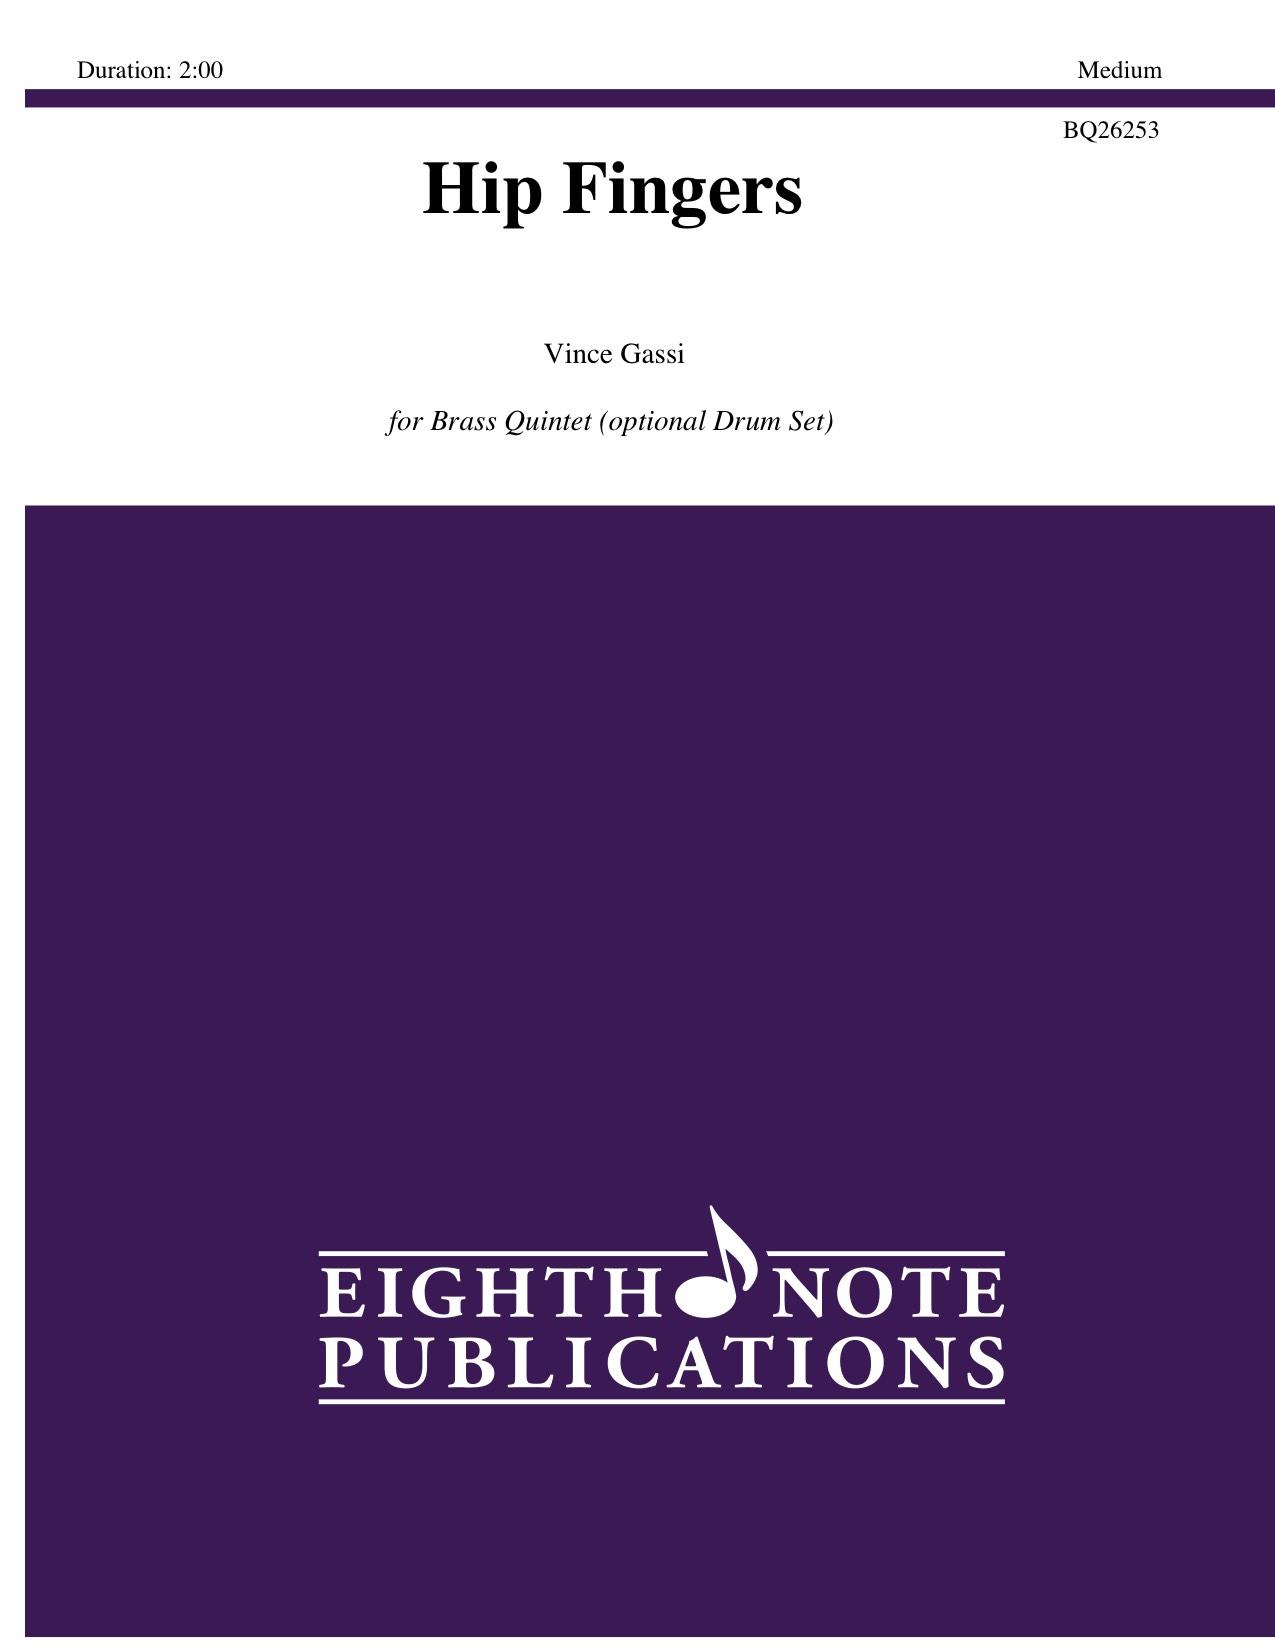 Hip Fingers - Vince Gassi